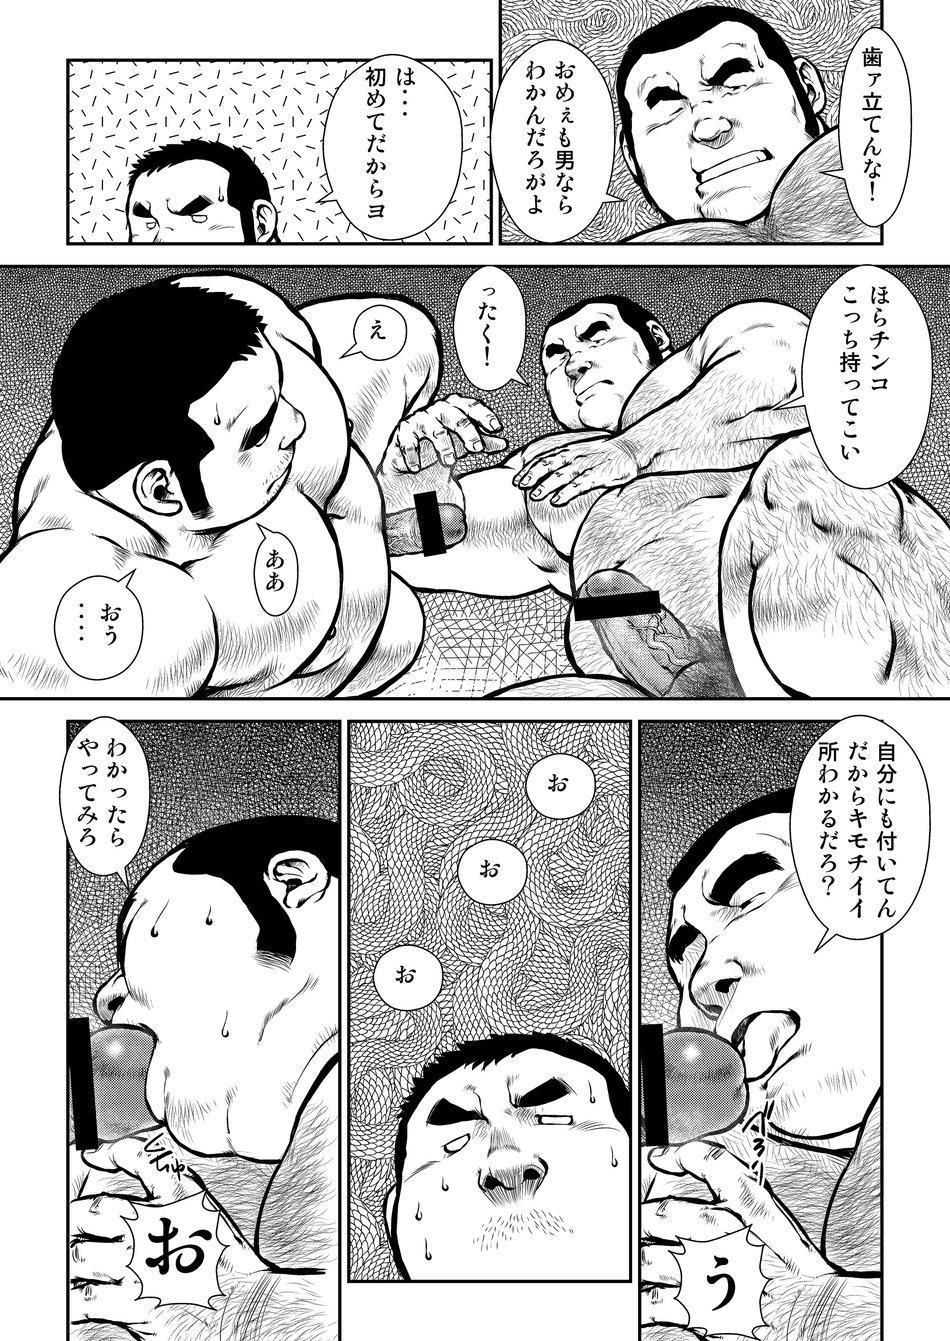 Hara Iso Hatsujou Seinendan Dai 4-wa 7